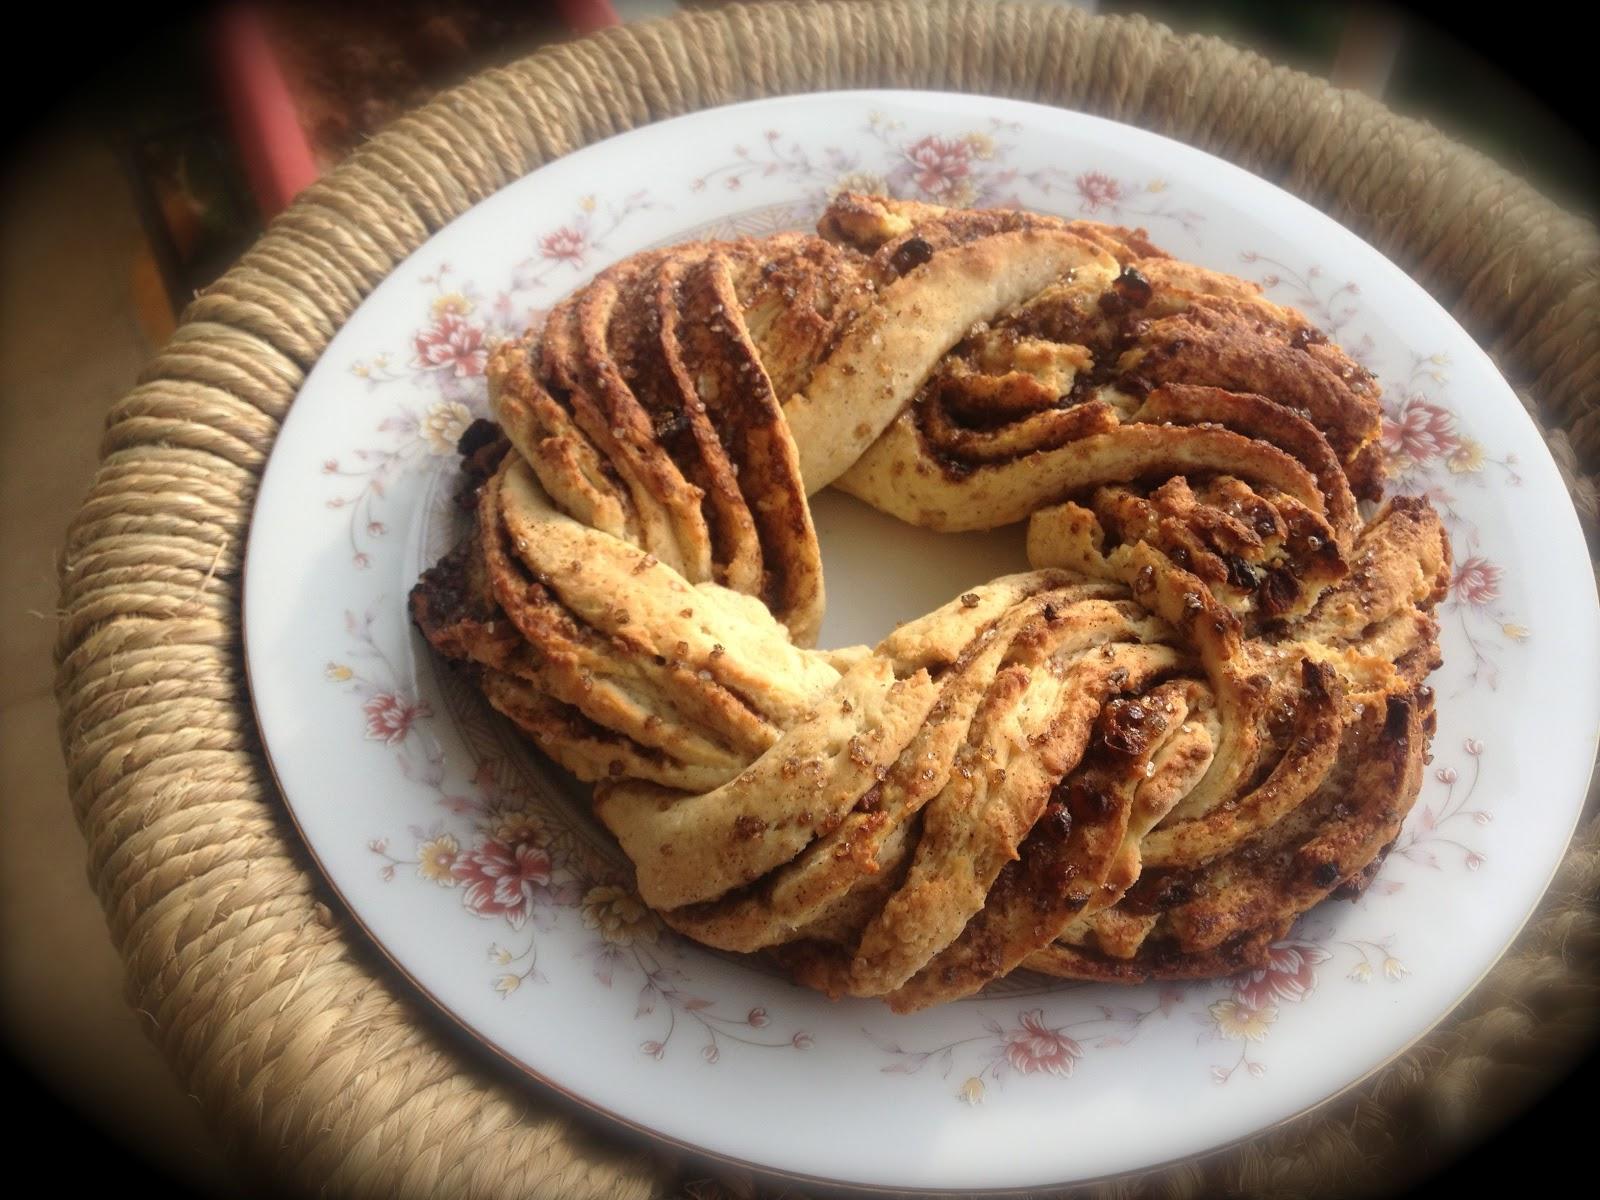 ... : Braided Cinnamon Wreath / Russian Braid Cinnamon Swirl Bread